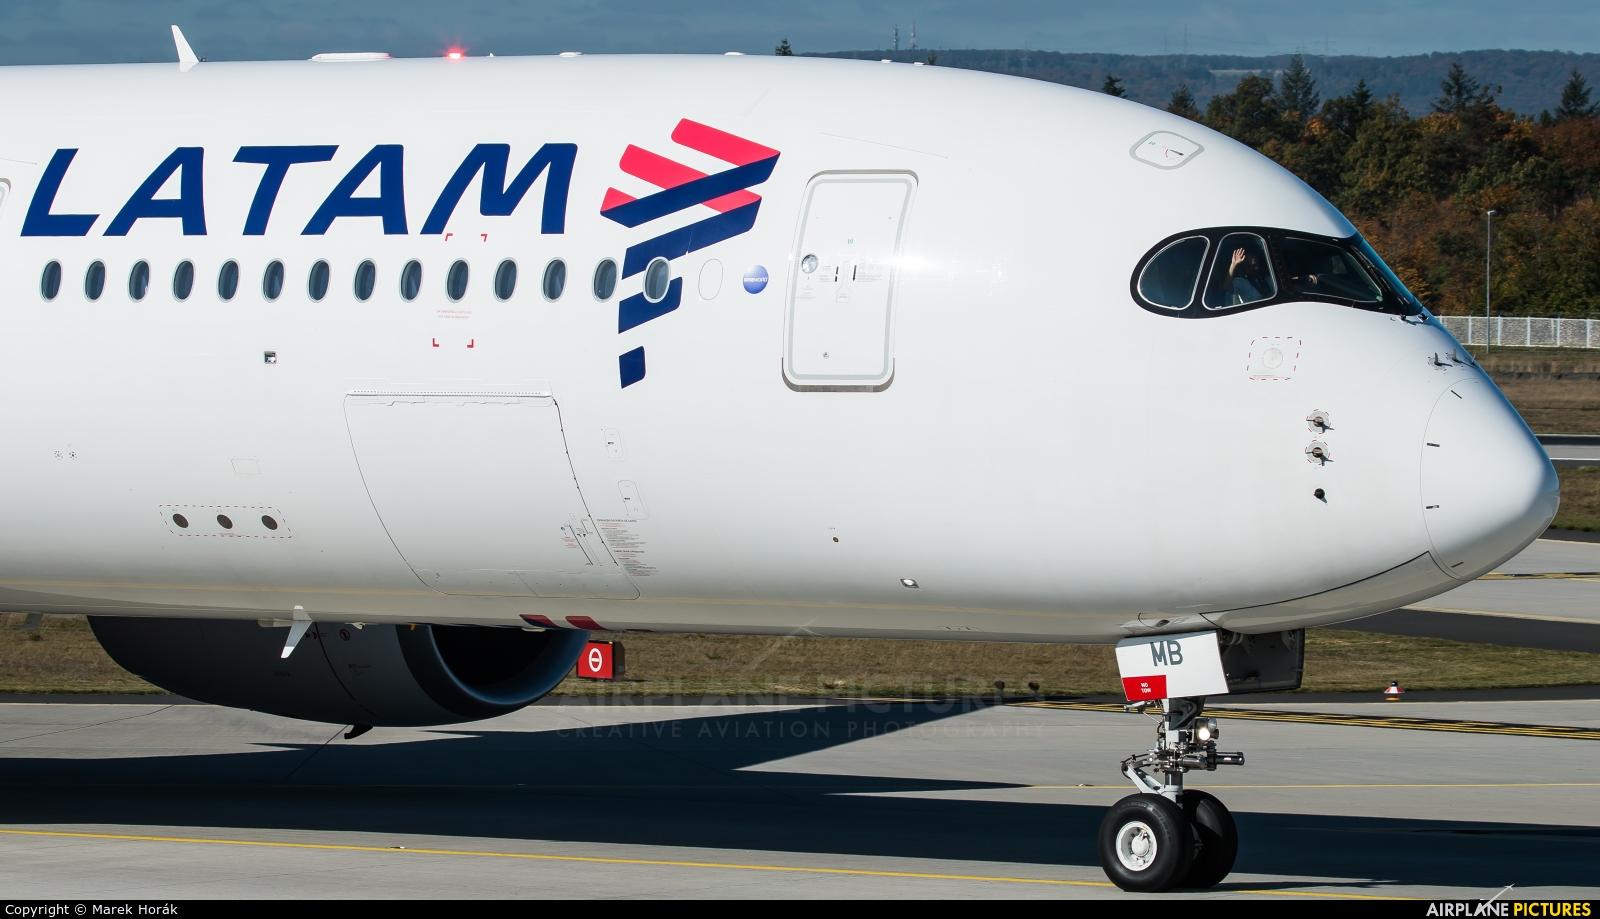 LATAM A7-AMB aircraft at Frankfurt